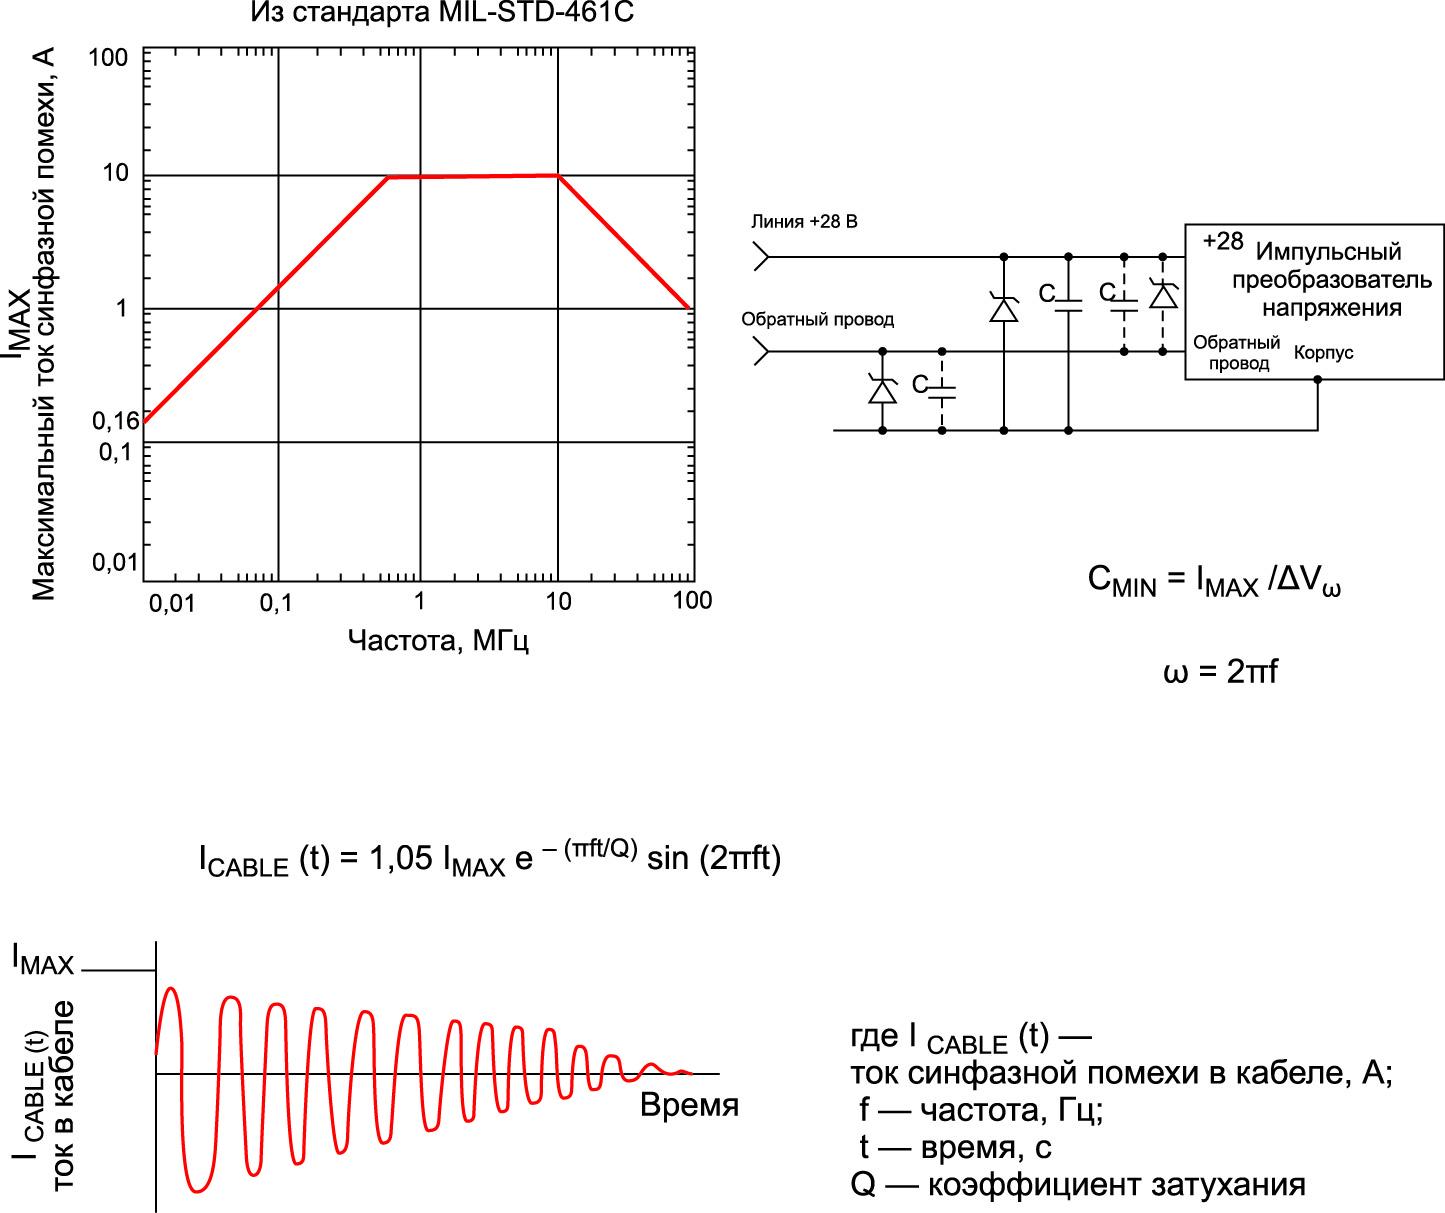 Ток наводимой синфазной импульсной помехи — MIL-STD-461C, метод CS11